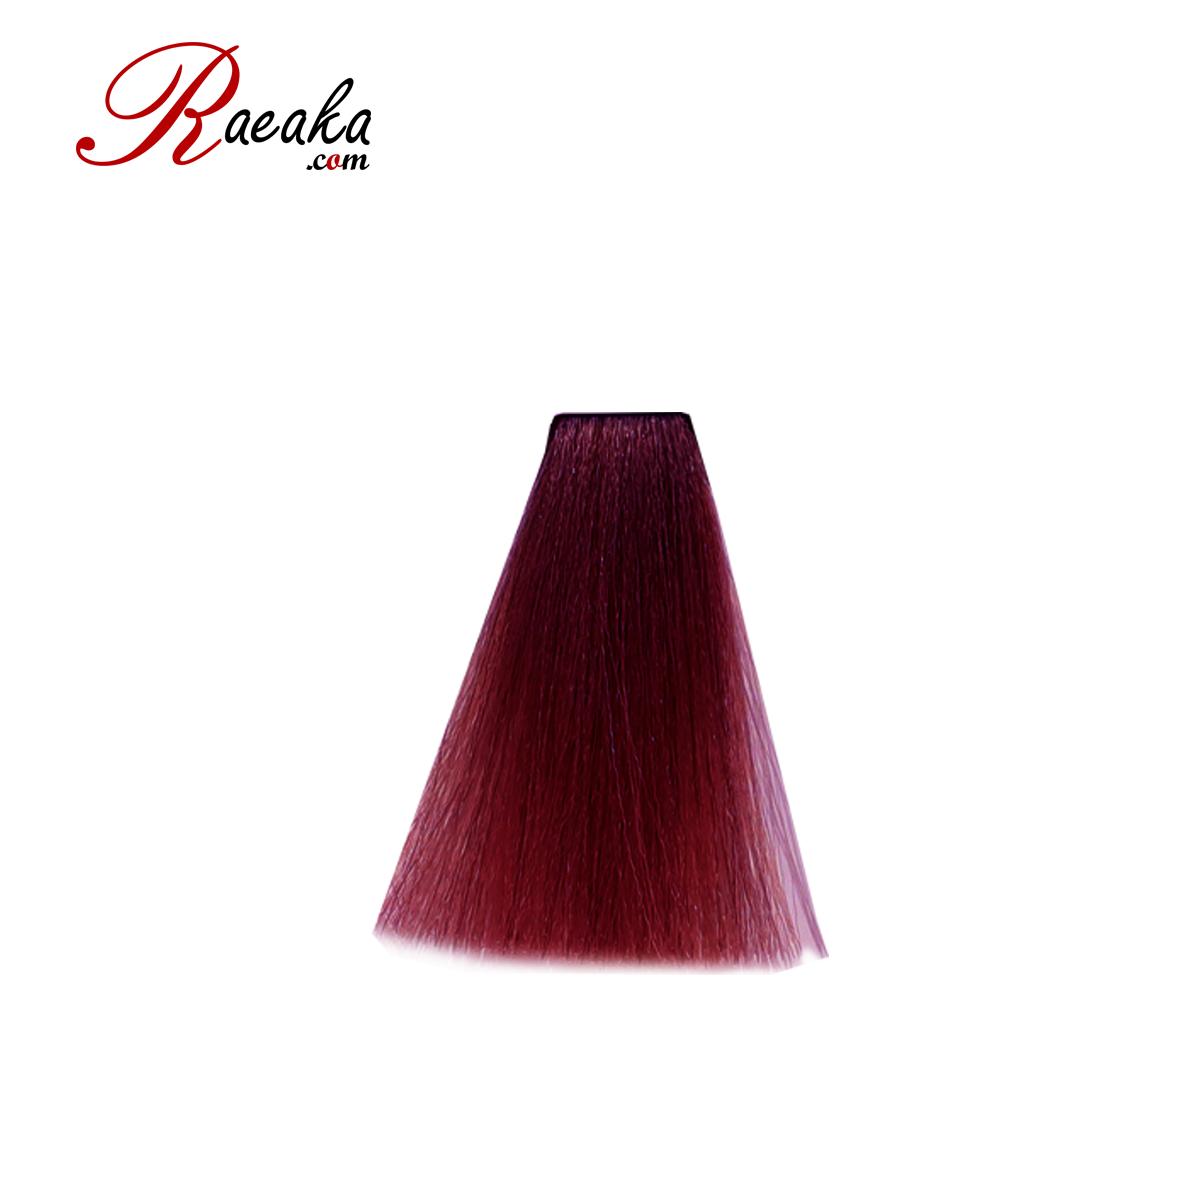 رنگ مو دوماسی سری ارغوانی قهوه ای ارغوانی روشن ۵٫۲۶ حجم ۱۲۰ میلی لیتر